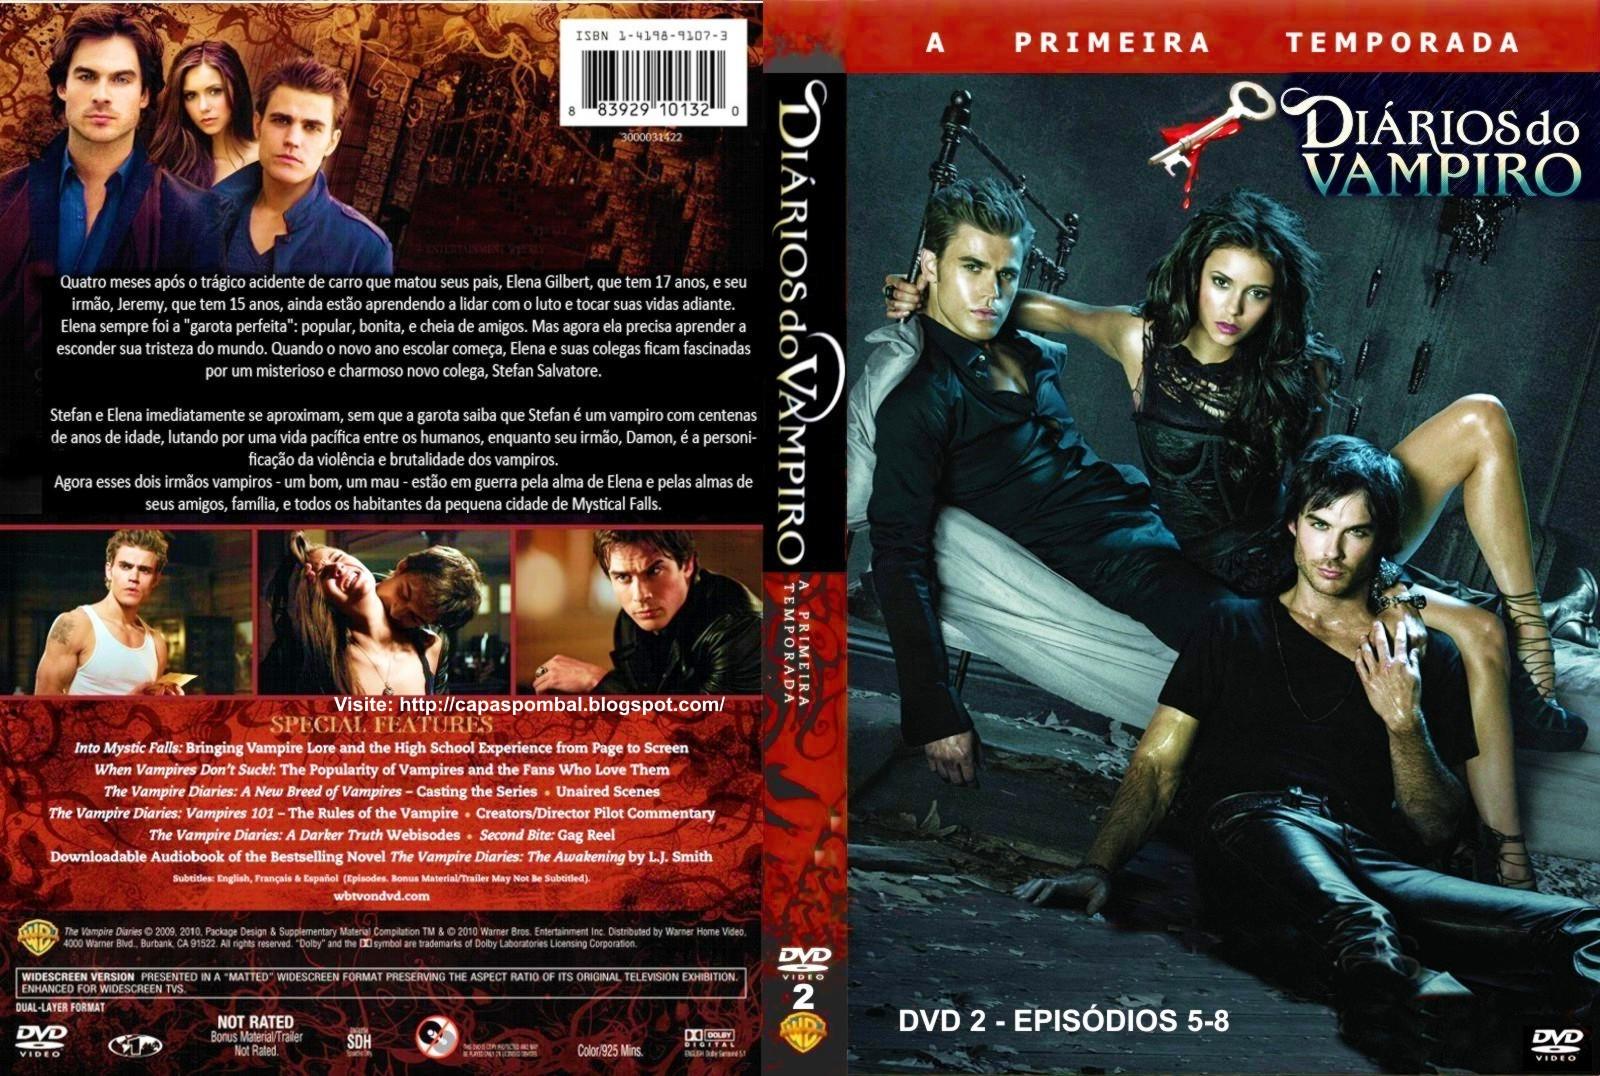 capas pombal di rios de um vampiro 1 temporada completa